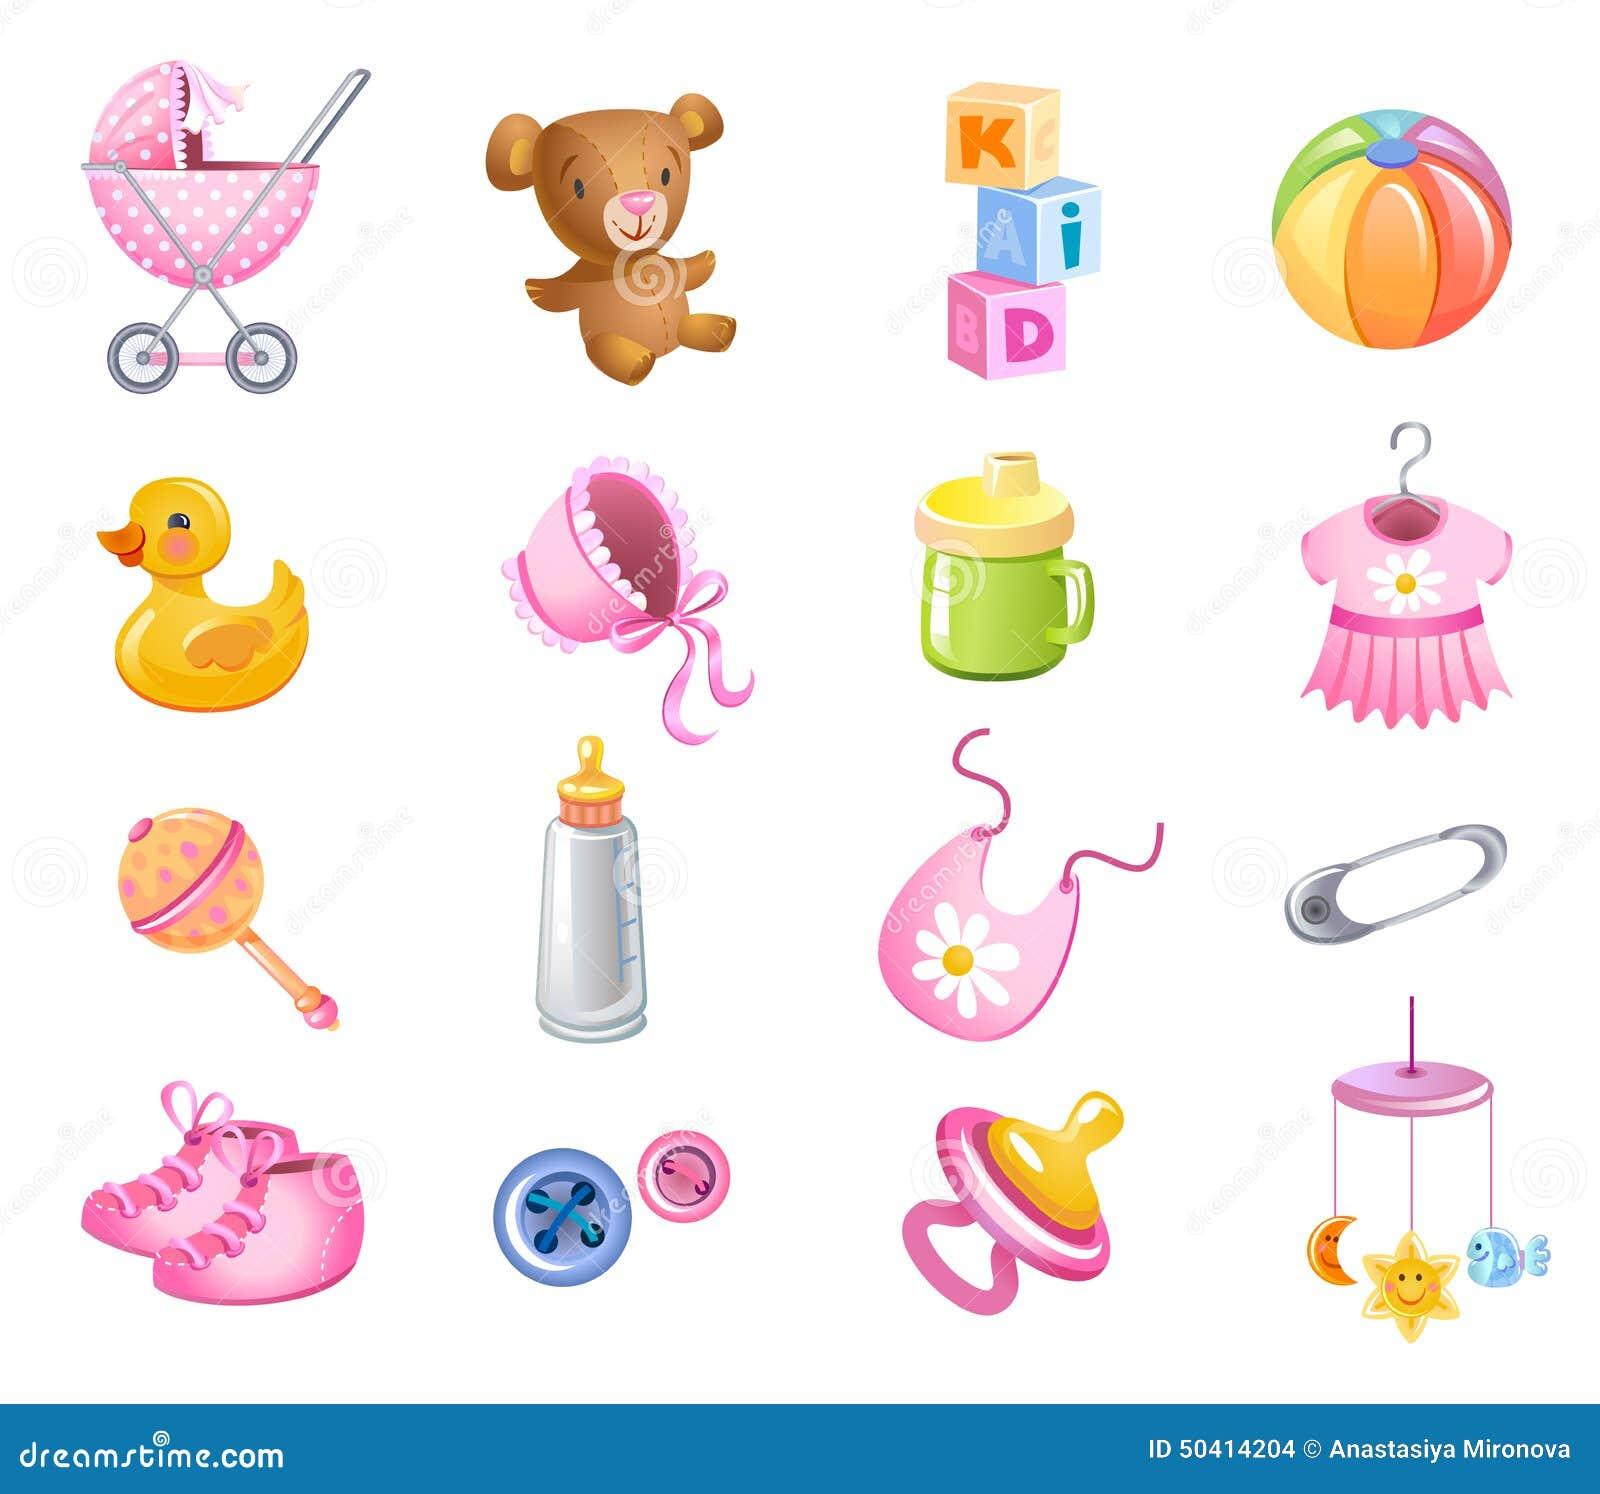 Accessoires Bebe : Accessoires bébé jouet